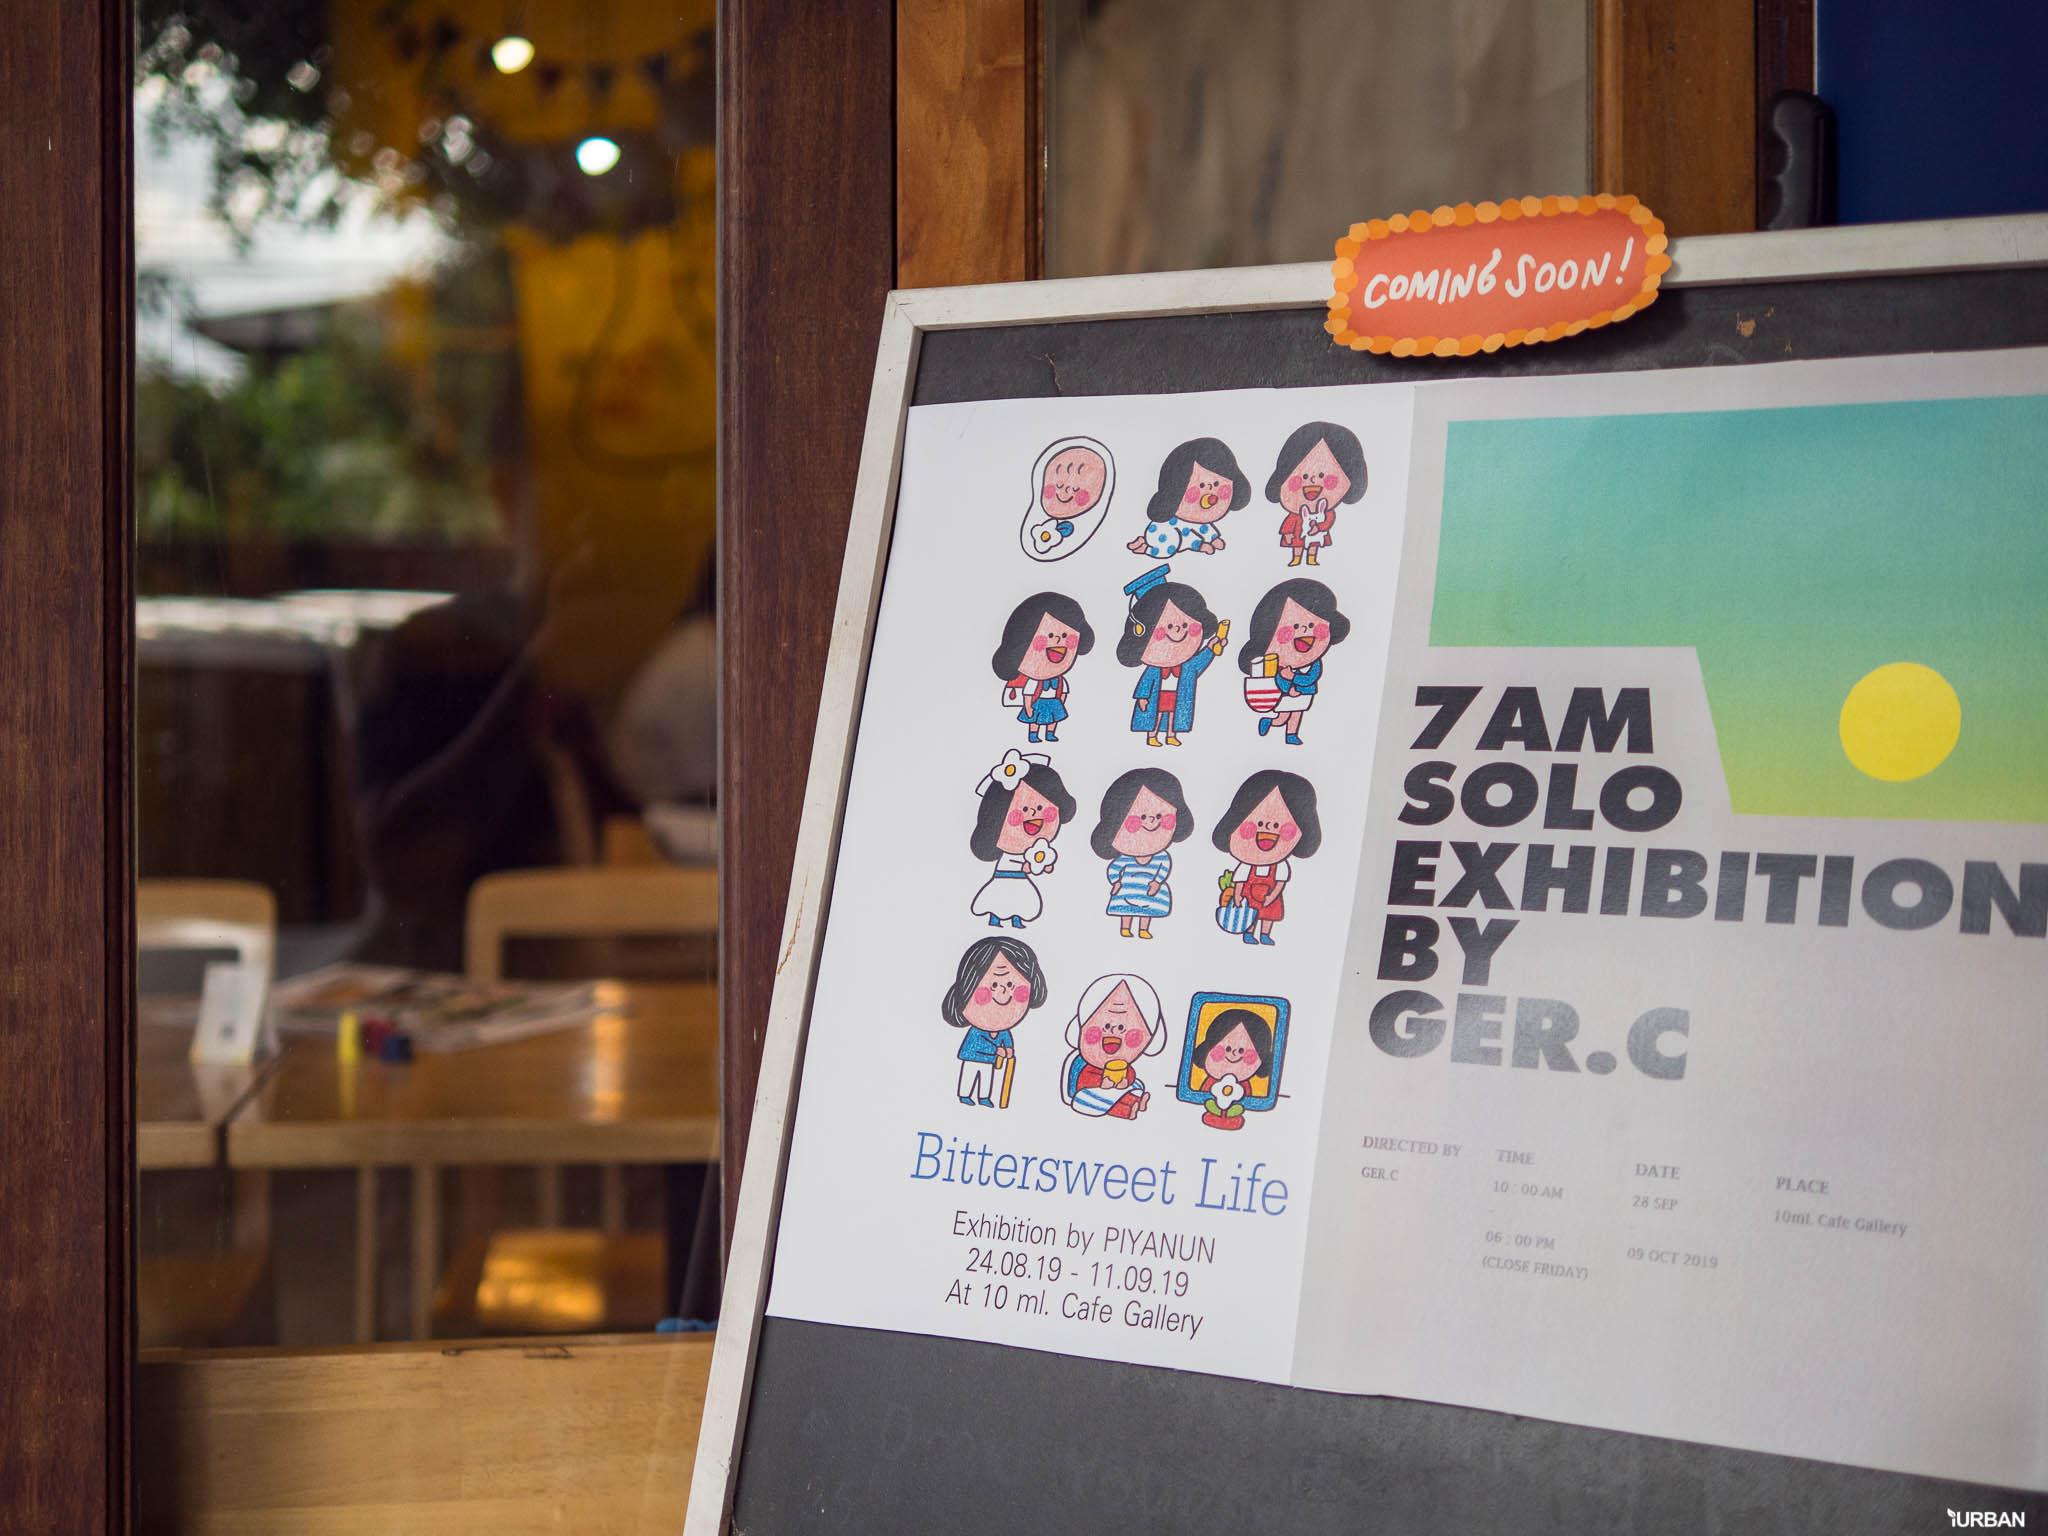 8 คาเฟ่ จตุจักร และร้านกาแฟที่ Unique ดีมีสไตล์น่าสนใจ เหมาะกับไลฟ์สไตล์วันชิลๆ 90 - Premium